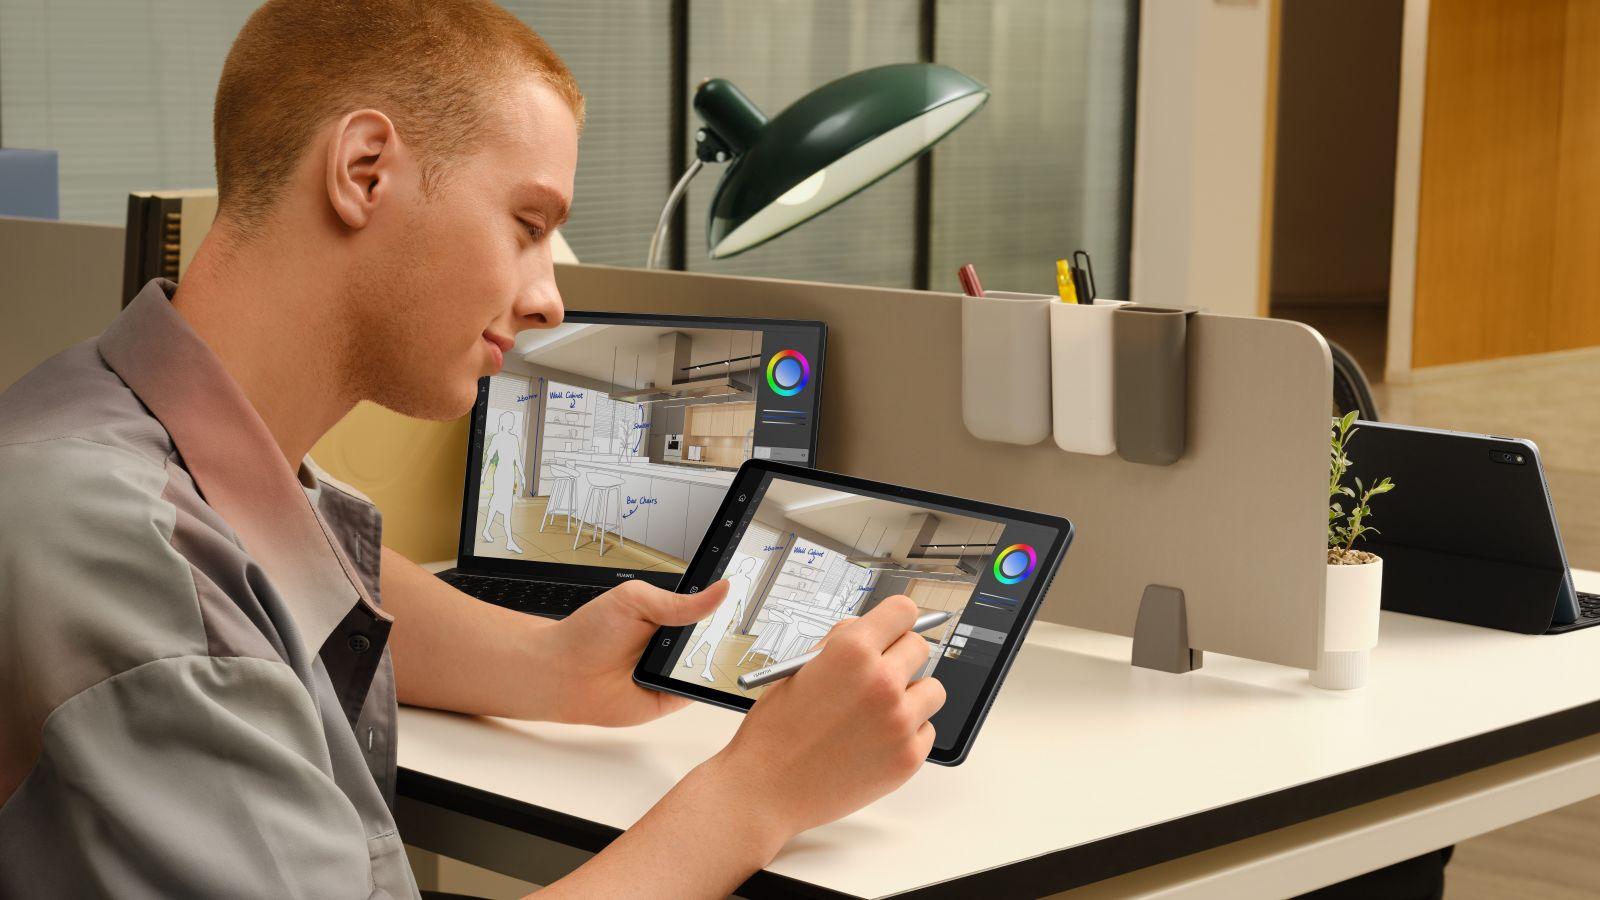 Prvý tablet s Harmony OS 2 prichádza na Slovensko: Toto všetko prináša novinka Huawei MatePad 11